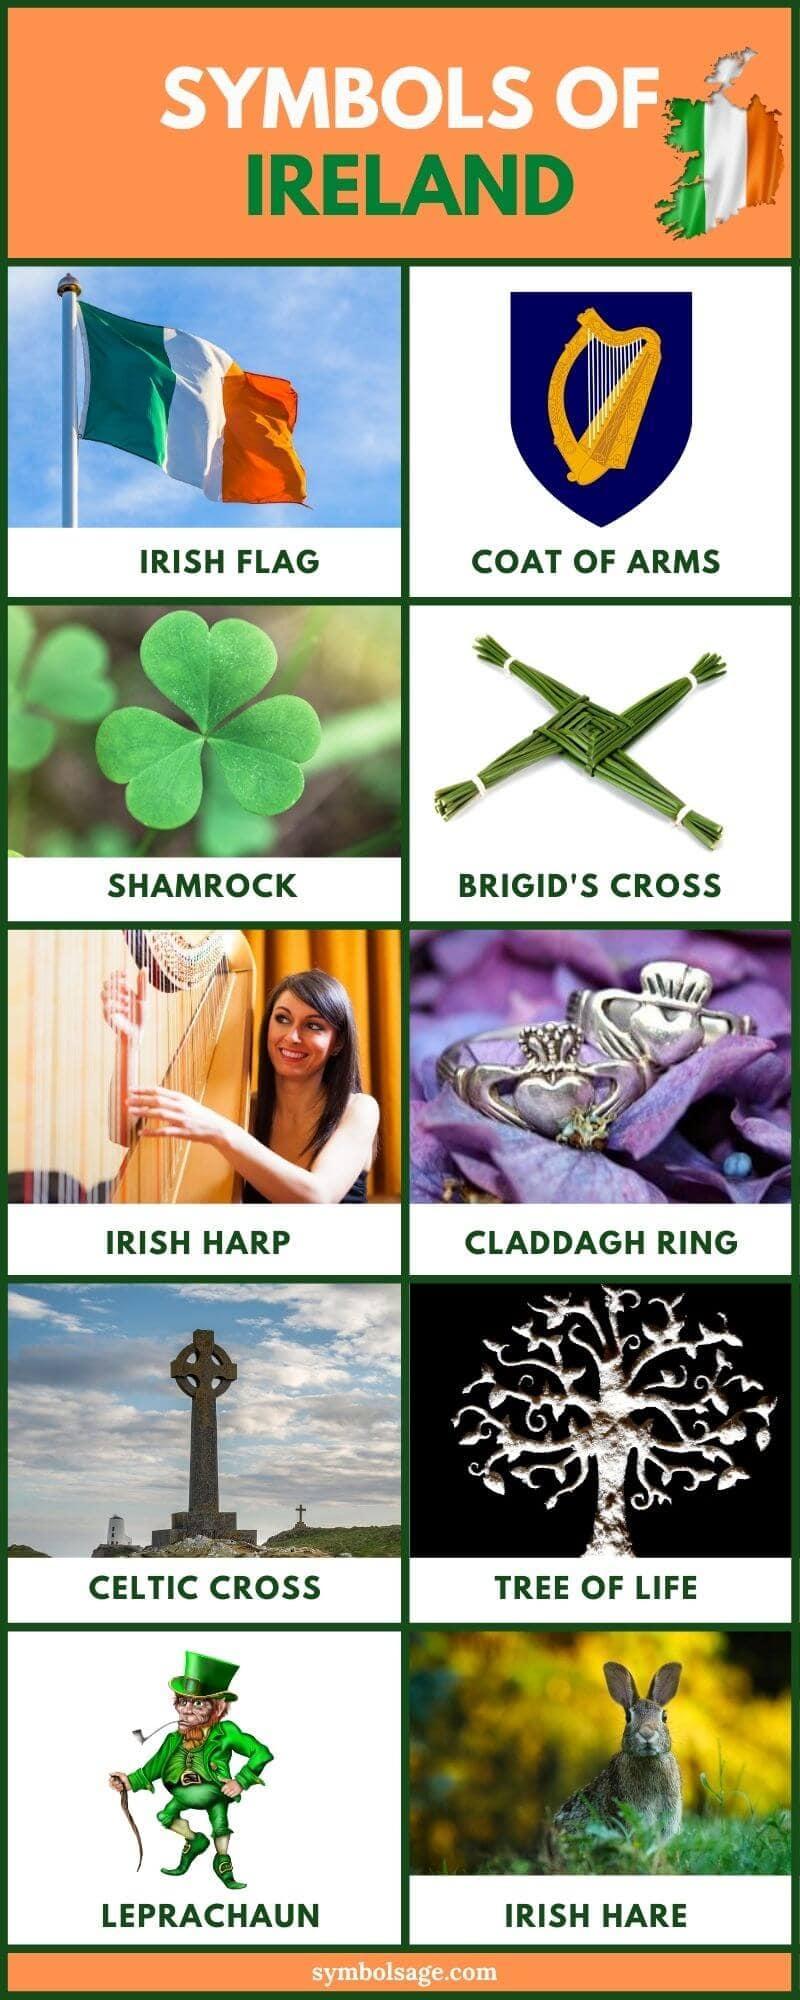 List of popular Irish symbols